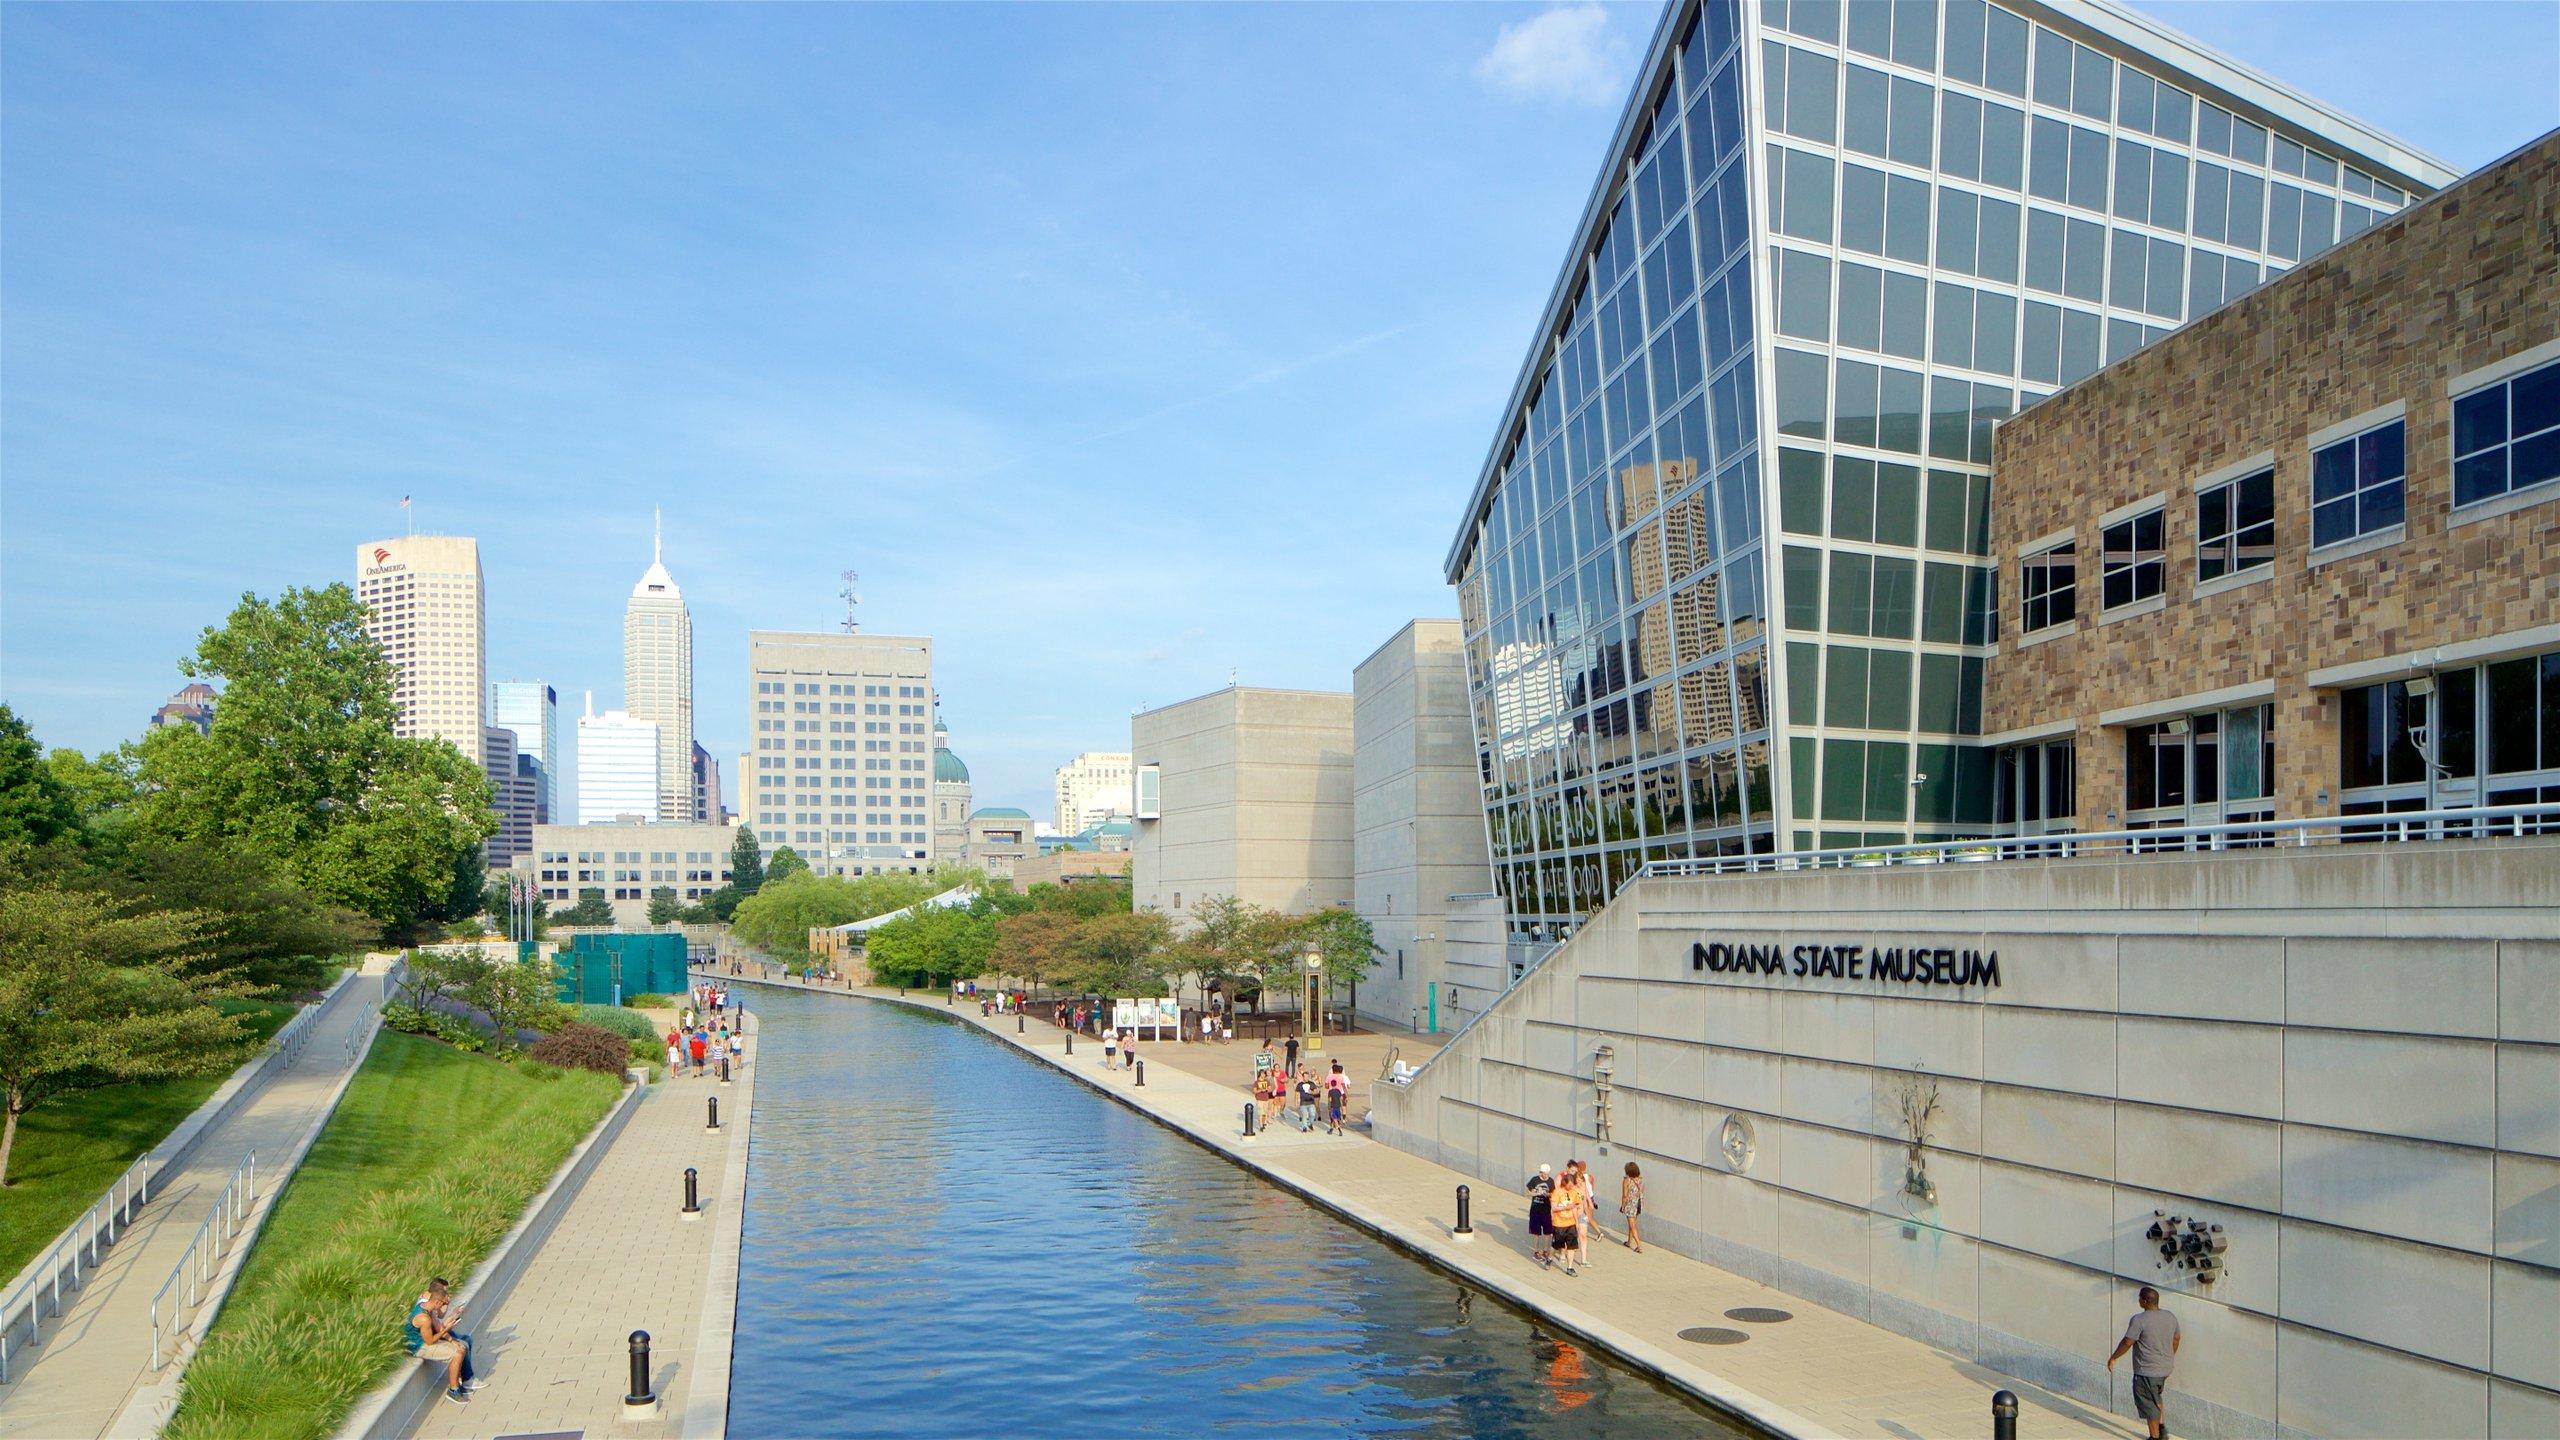 Centrum van Indianapolis, Indianapolis, Indiana, Verenigde Staten